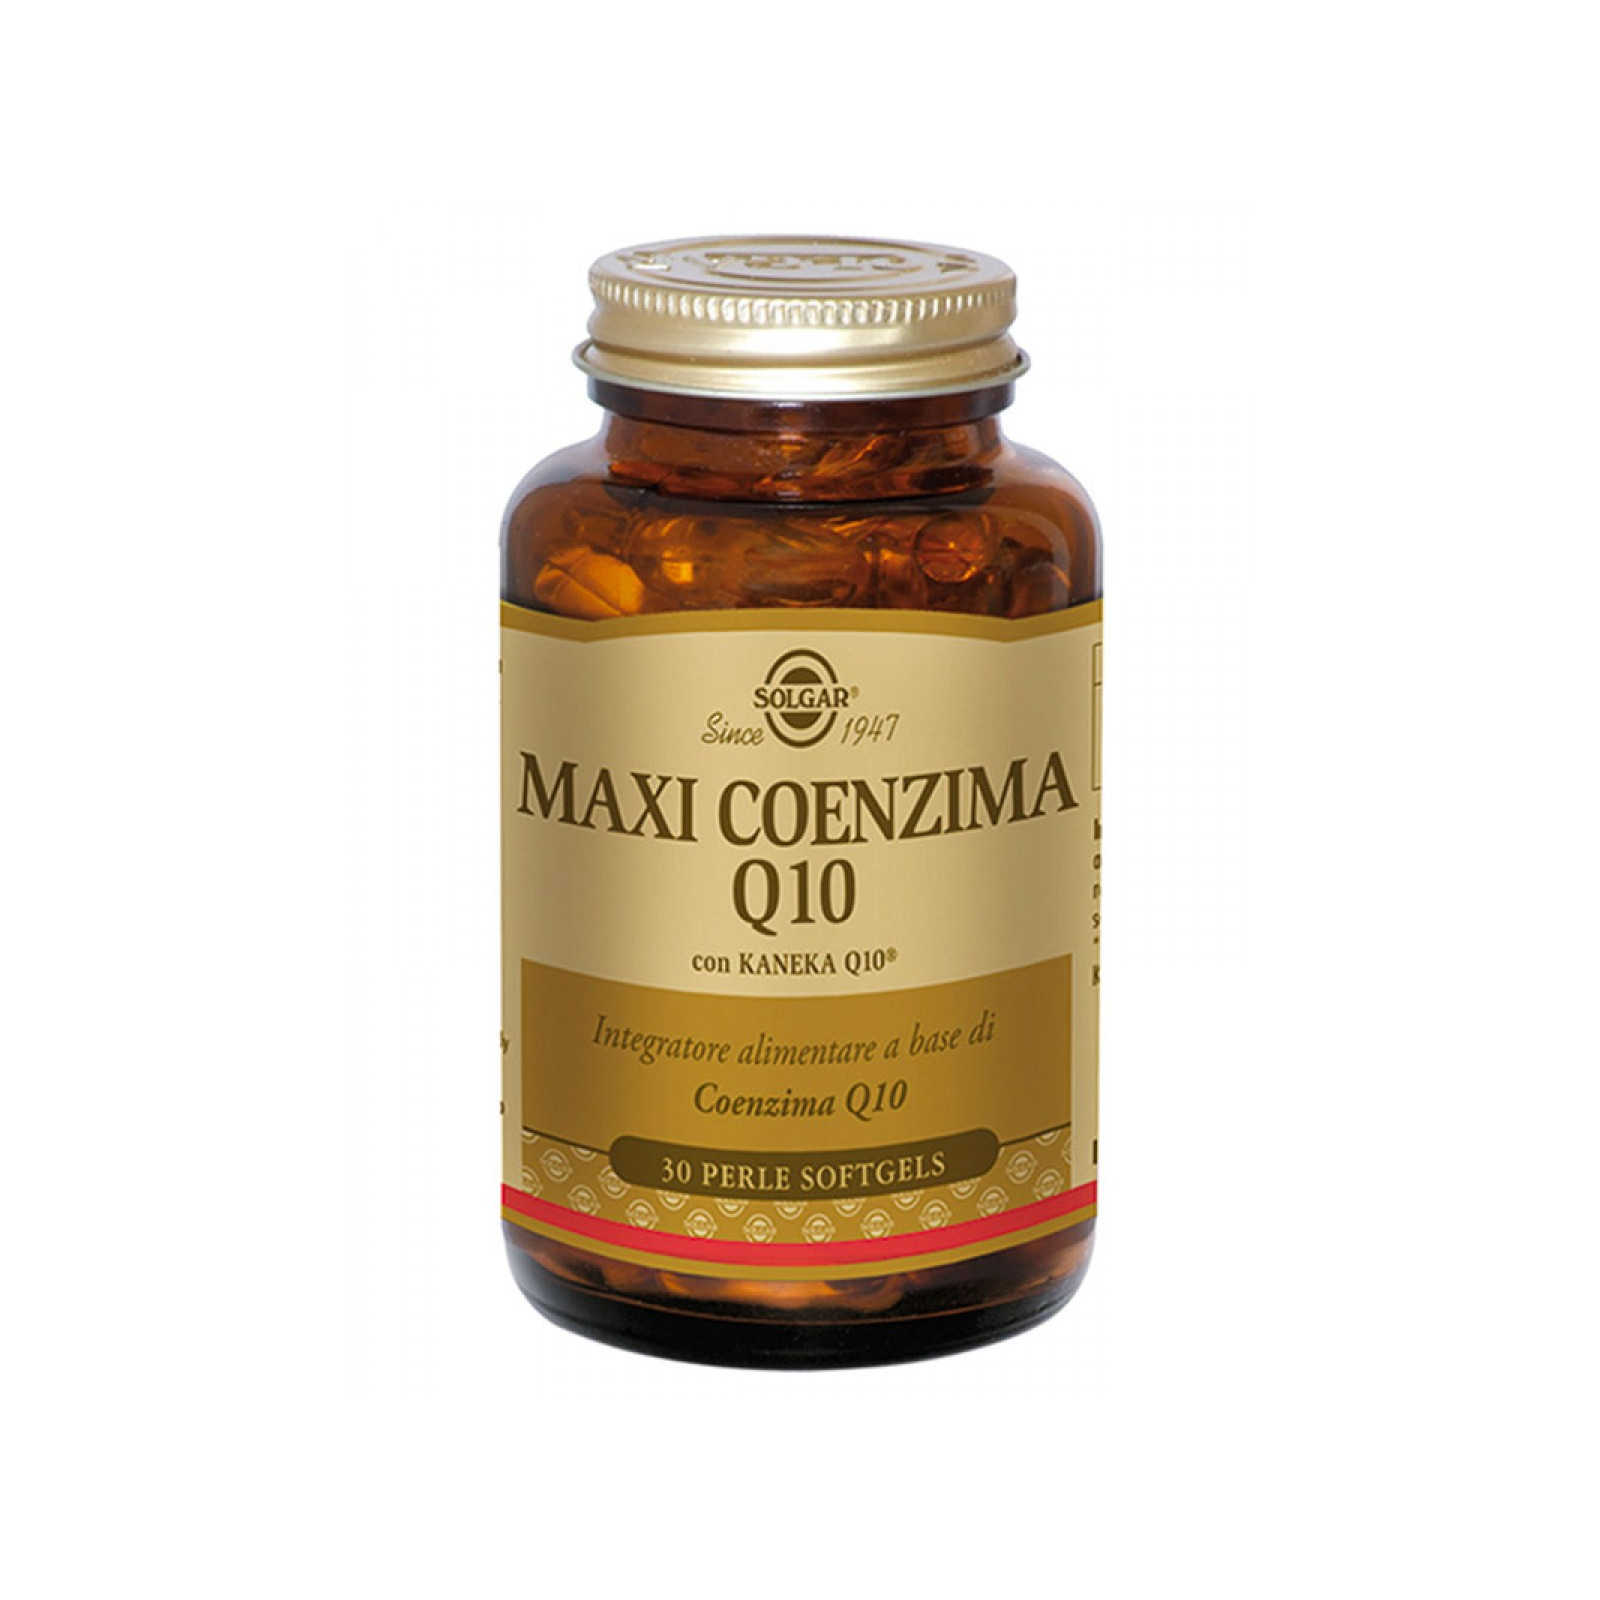 Solgar - Maxi Coenzima Q10